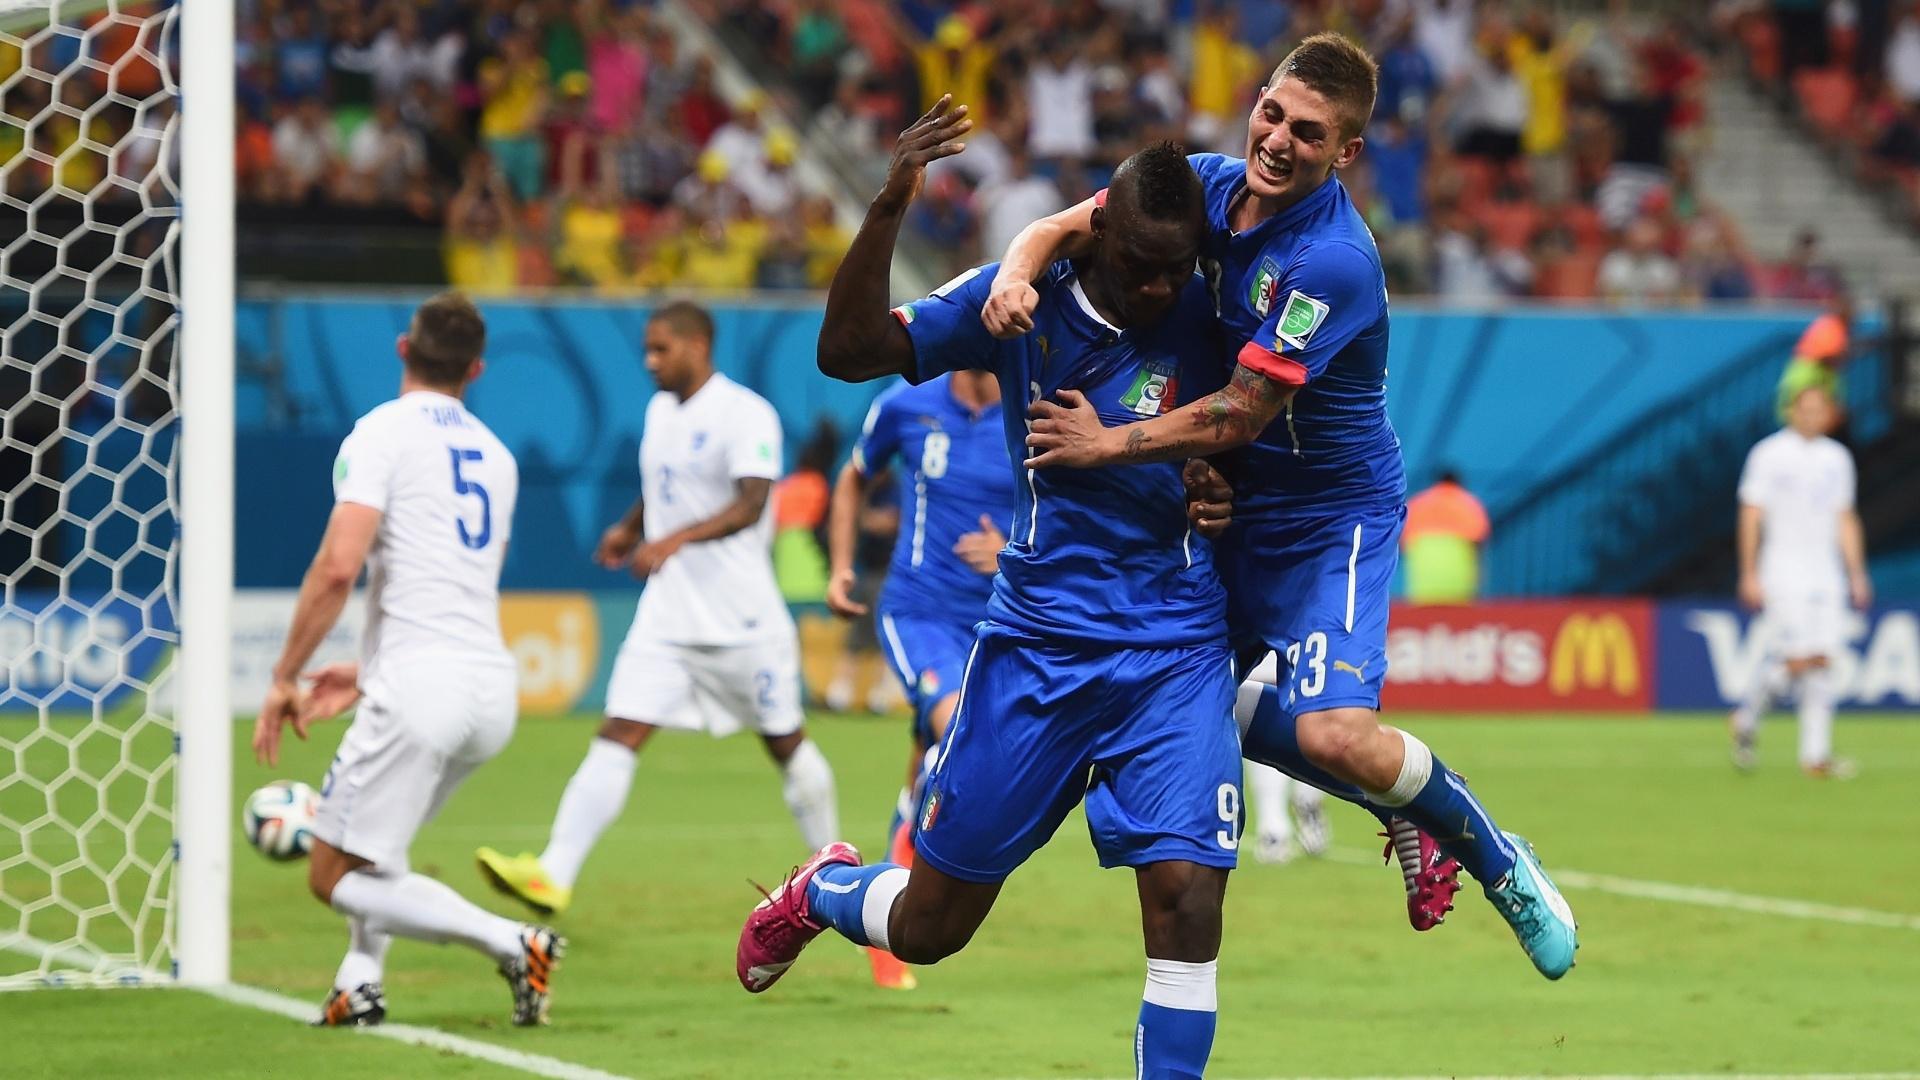 Mario Balotelli comemora com Marco Verratti após marcar o segundo da Itália contra a Inglaterra